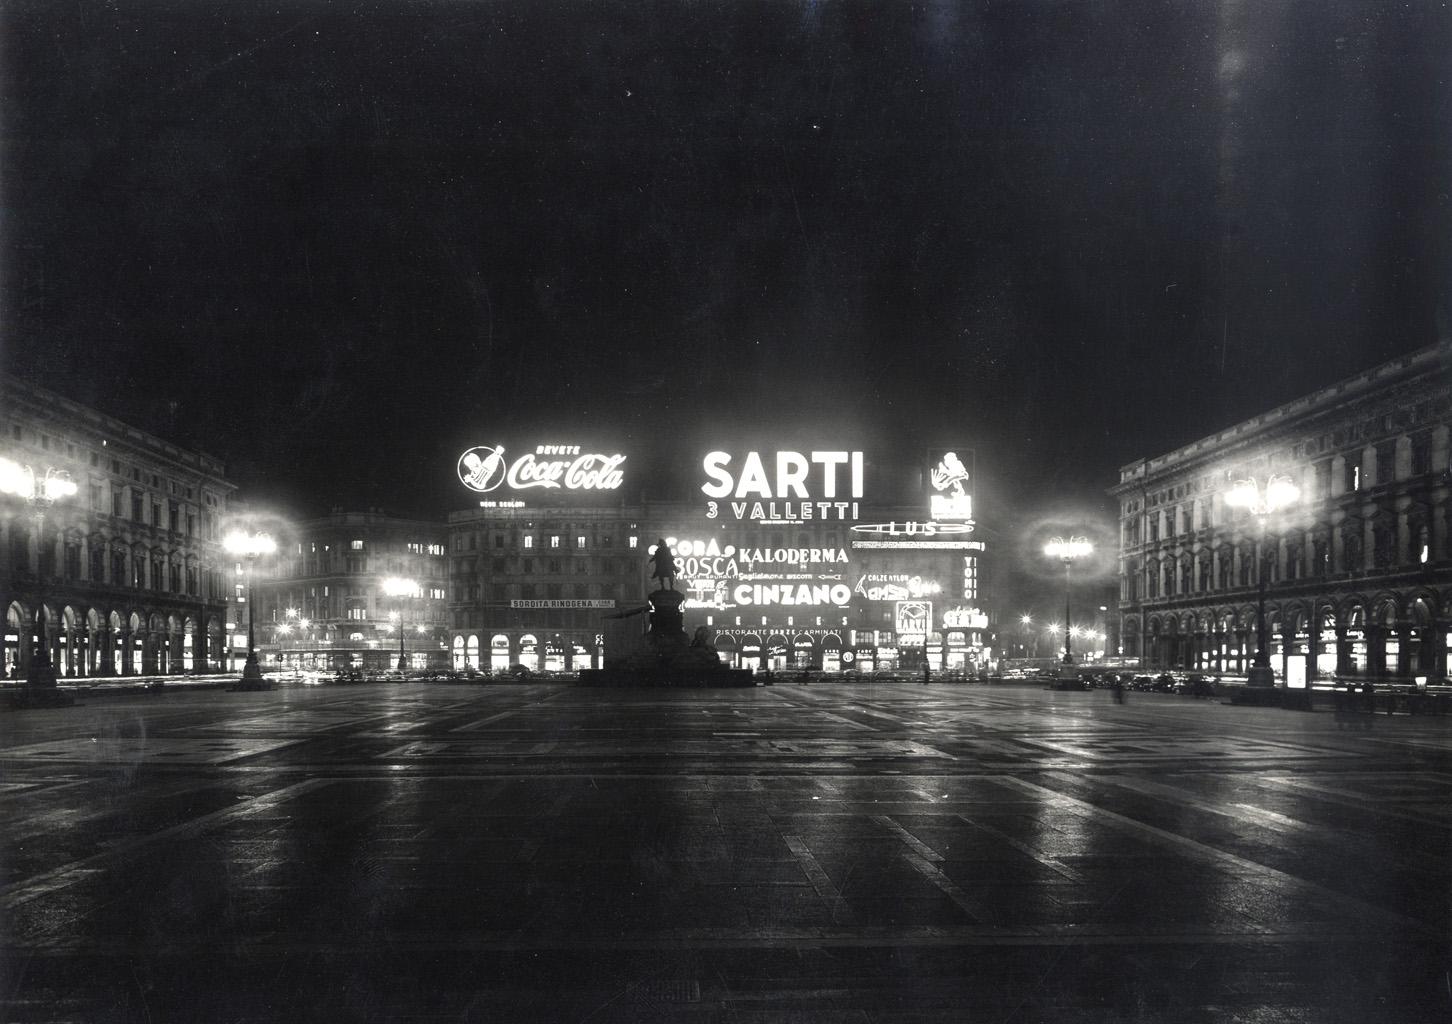 Insegne luminose in Piazza Duomo nel 1955. (fonte immagine: web kollectium.com)